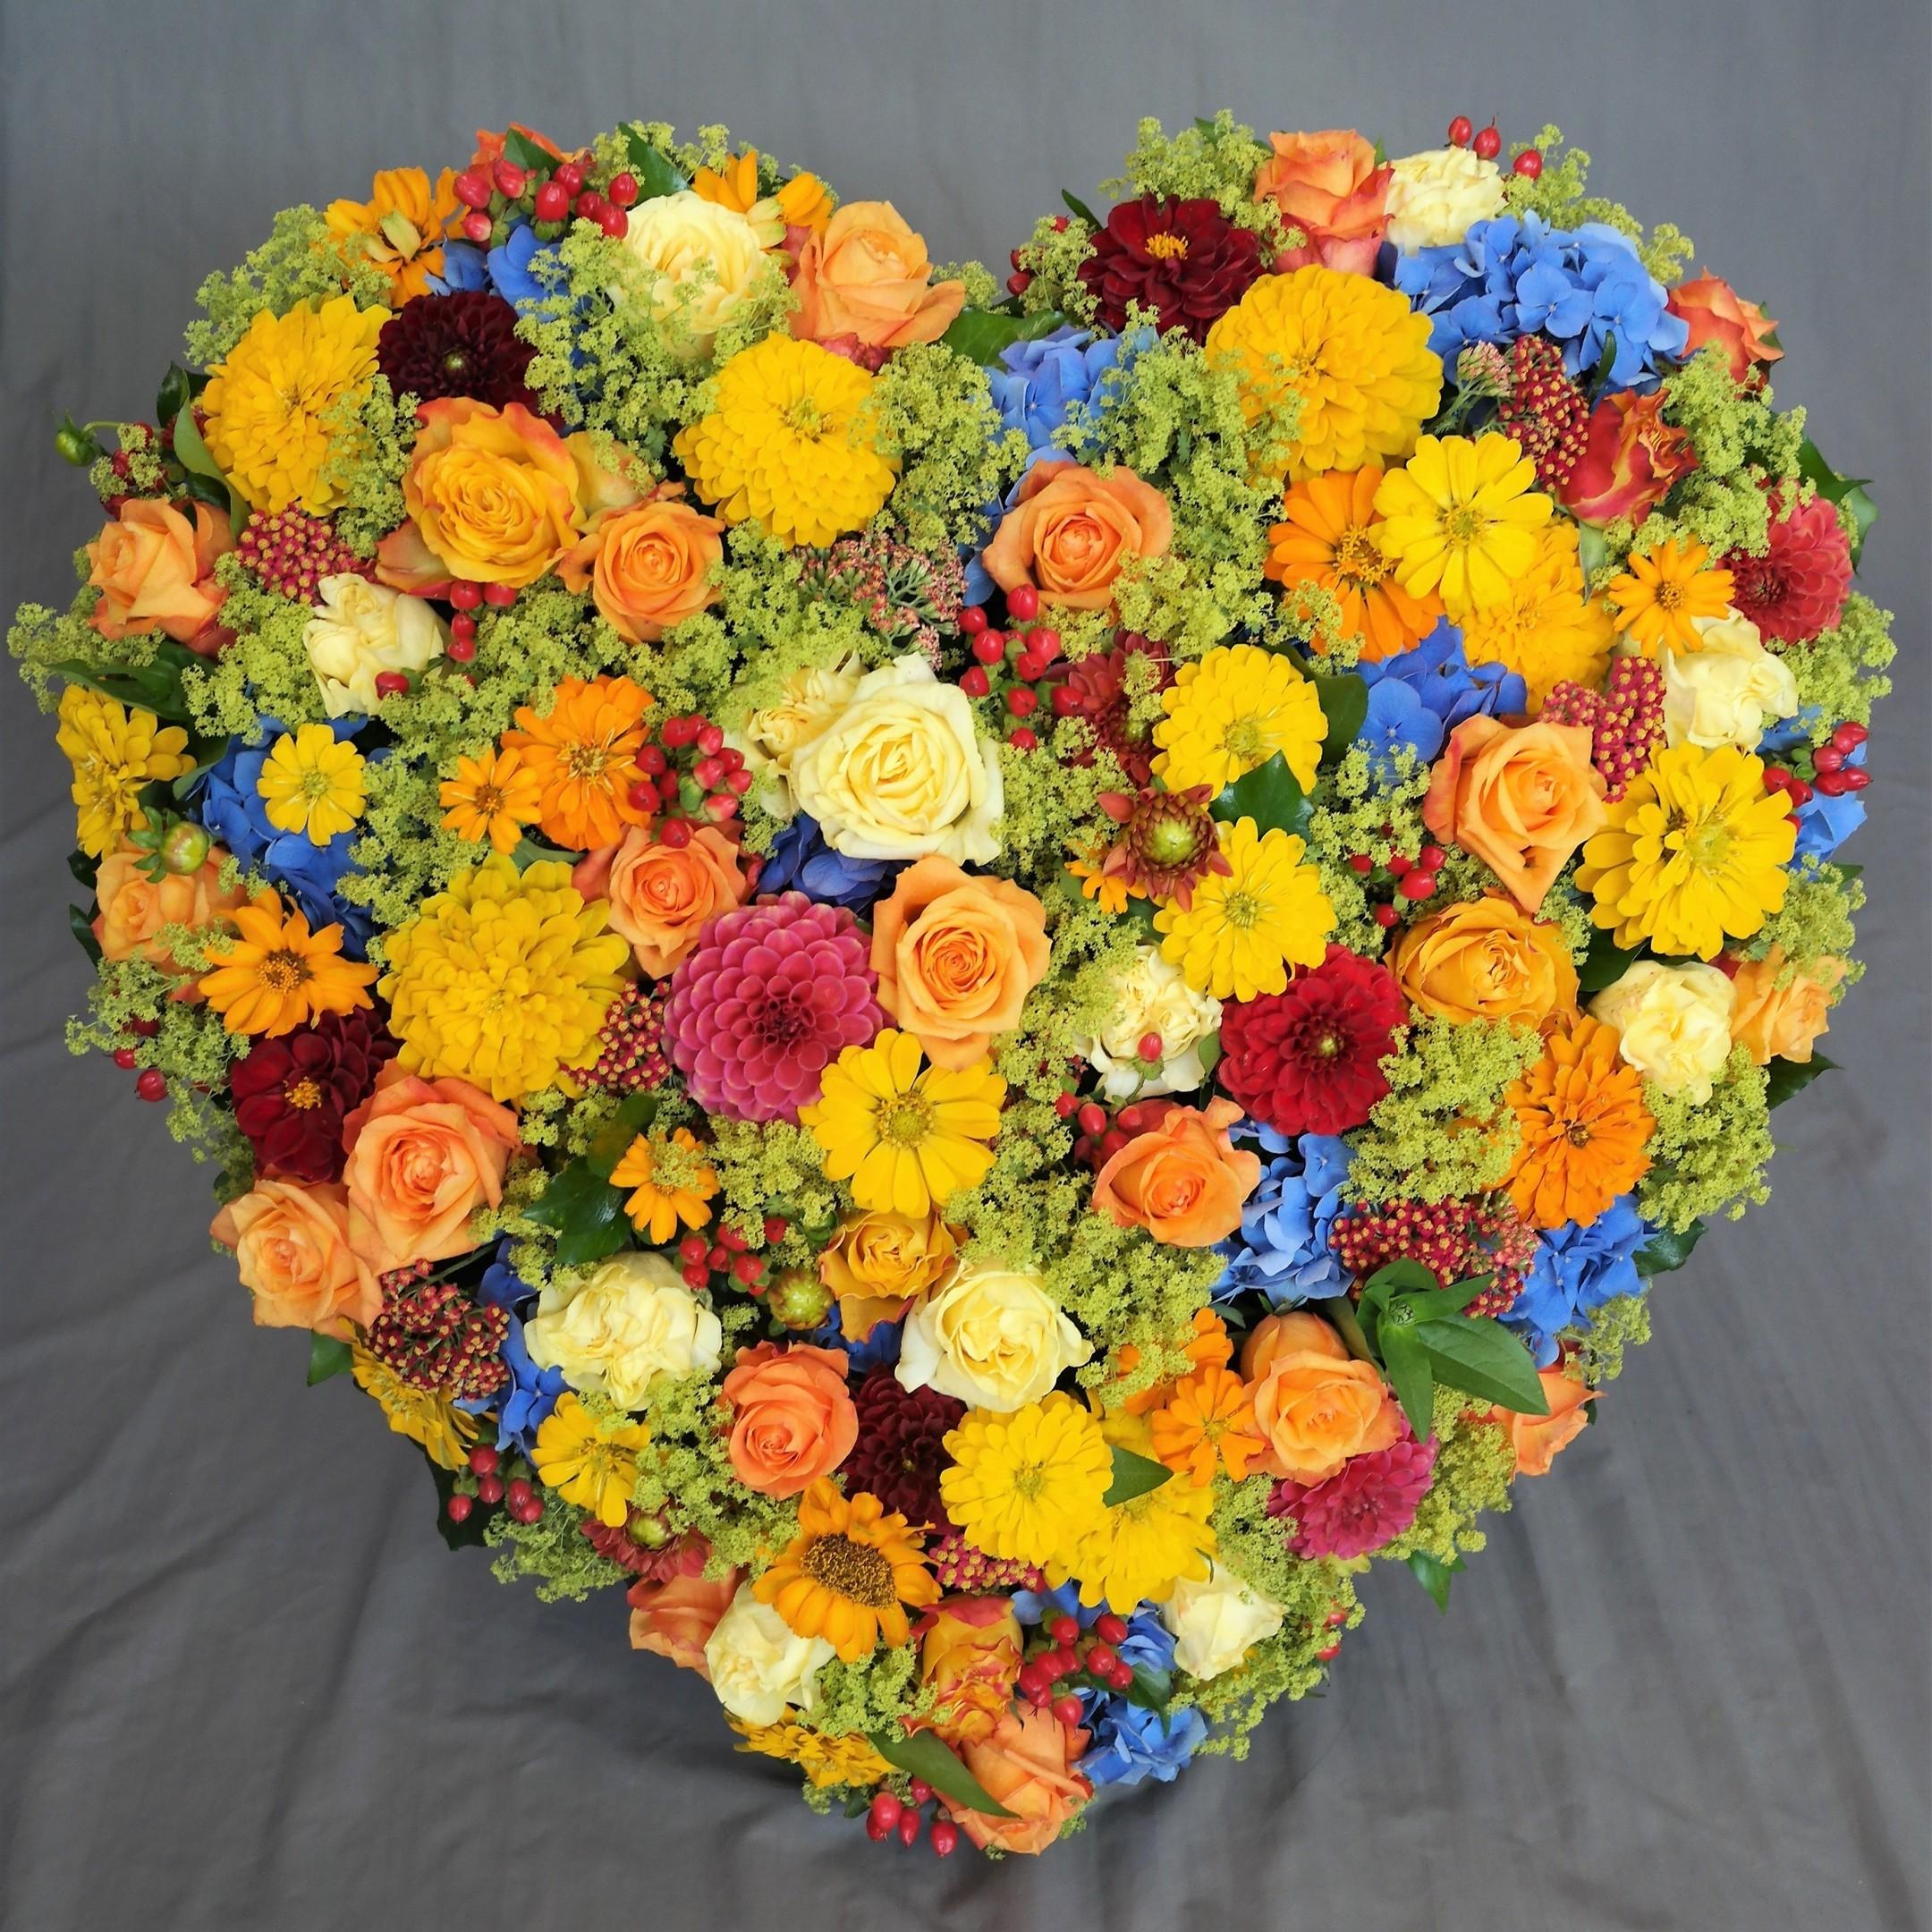 Blütenherz Bild 5